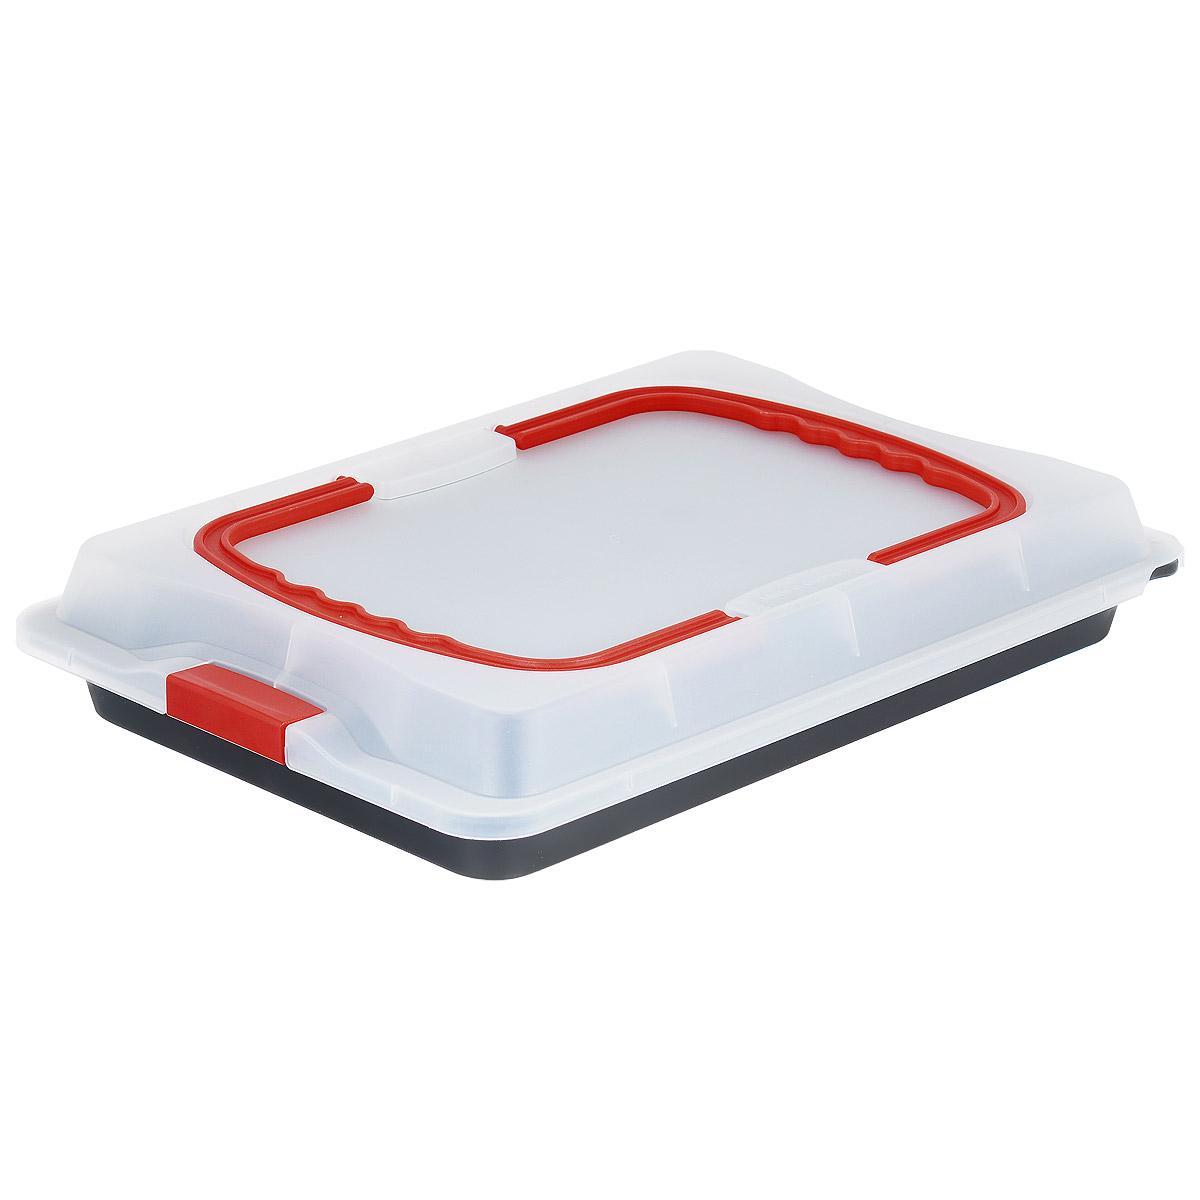 Противень Dr.Oetker Bake&Go с крышкой, с антипригарным покрытием, 29 х 42 см1012Противень Dr.Oetker Bake&Go изготовлен из углеродистой стали с антипригарным покрытием Teflon. Пища не пригорает и не прилипает к стенкам, что облегчает процесс сервировки и мытья. Изделие имеет прямоугольную форму и прекрасно подходит для приготовления запеканок, жаркое, тушения мяса и овощей. Такой противень предназначен для выпечки и переноса кулинарных изделий.Противень оснащен пластиковой прозрачной крышкой, которая плотно закрывается на две защелки и оснащена двумя ручками. Можно мыть в посудомоечной машине и использовать в духовом шкафу. Противень выдерживает температуру до 230°C.